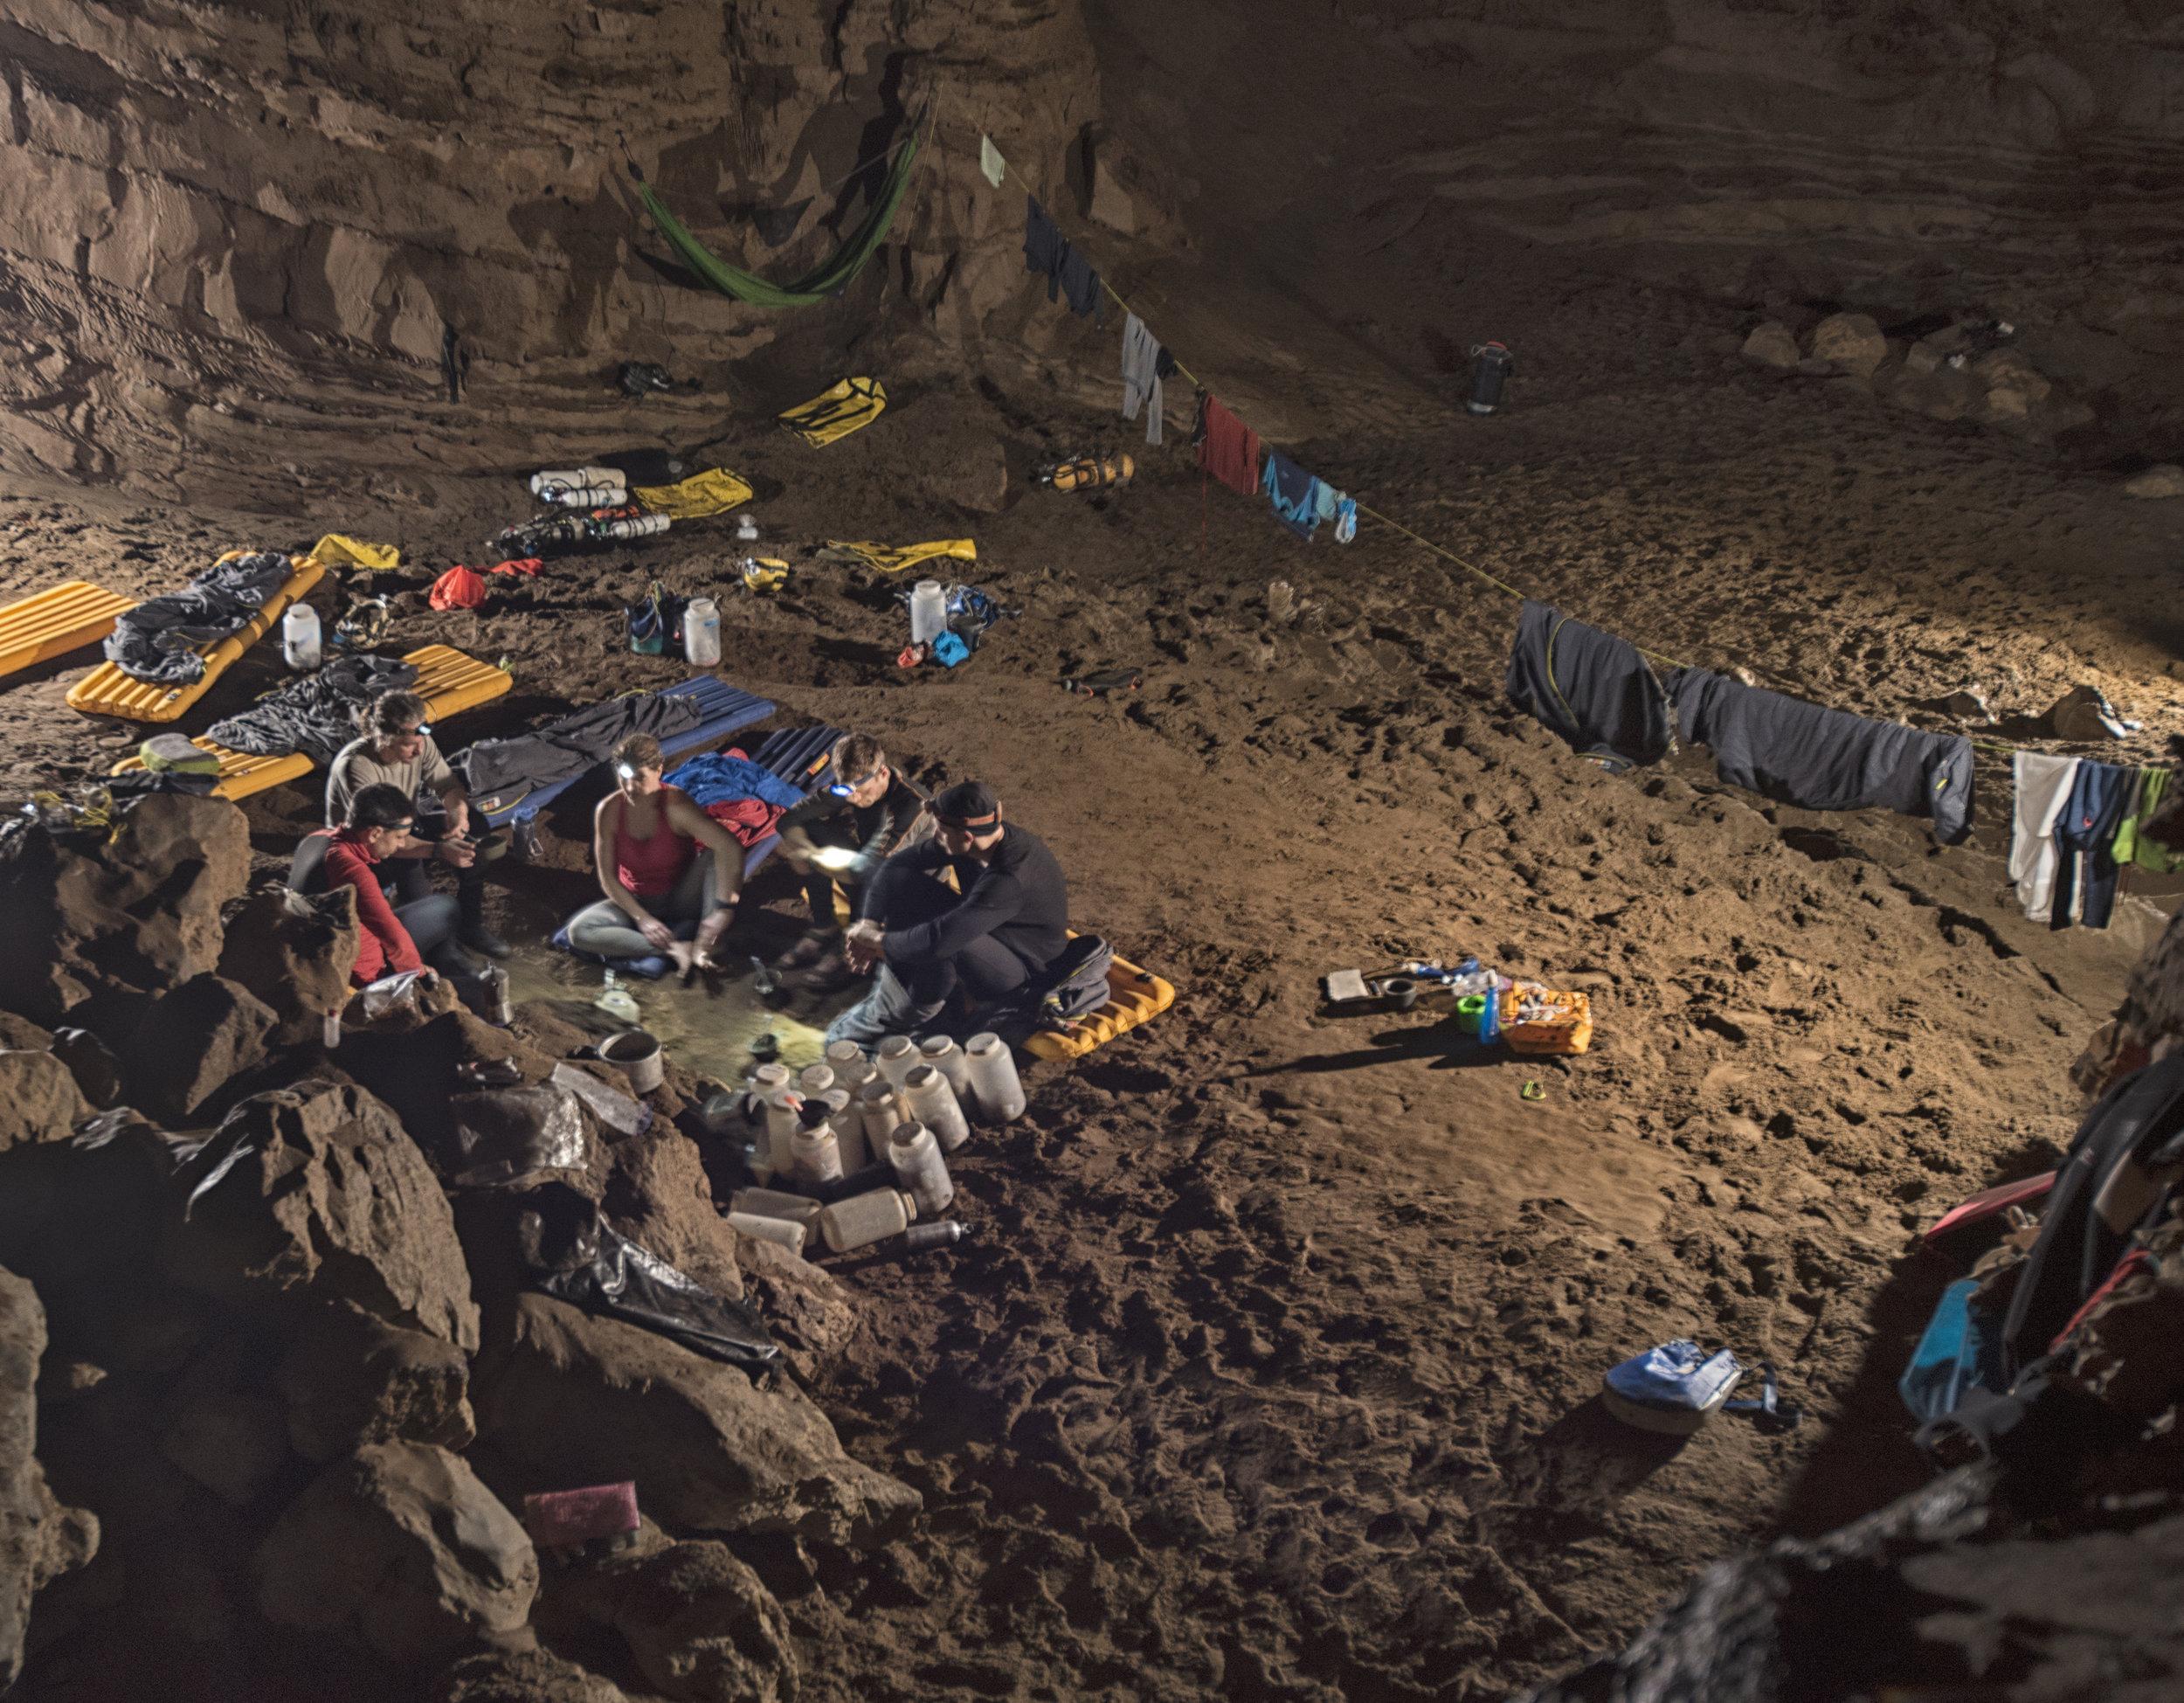 cueva-de-la-pena-colorada_39379622000_o.jpg